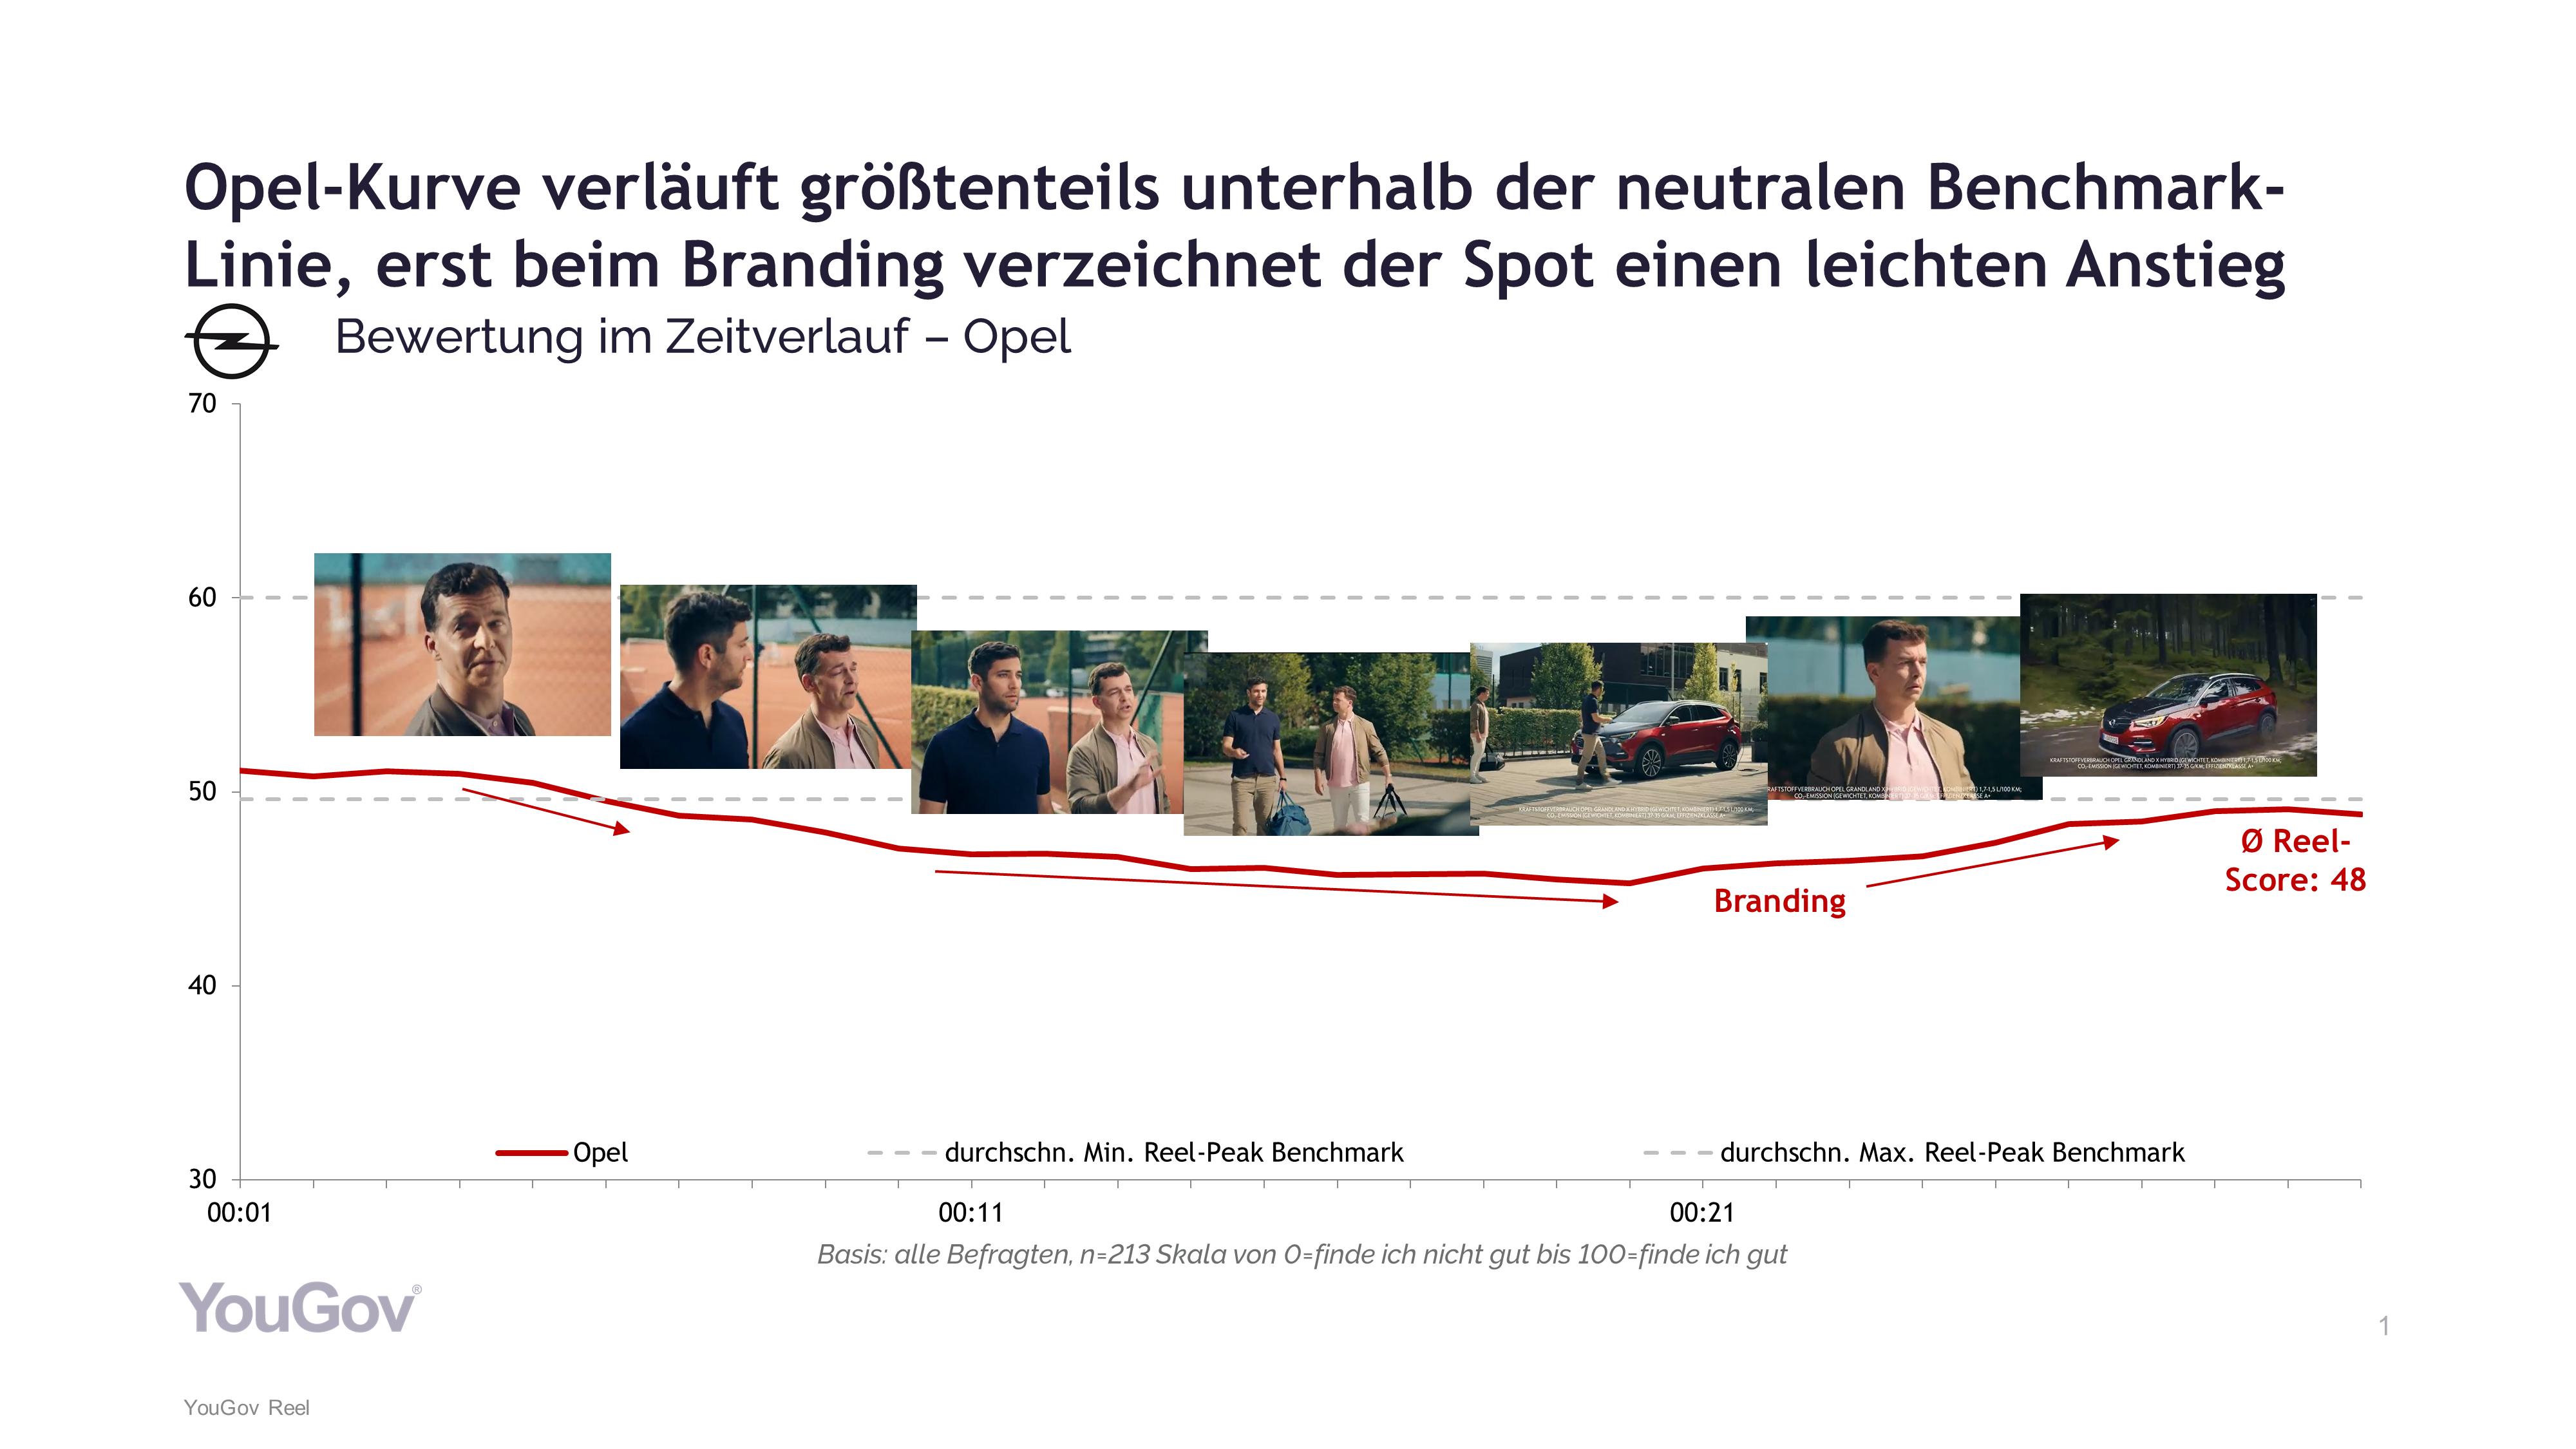 Opel TV-Spot